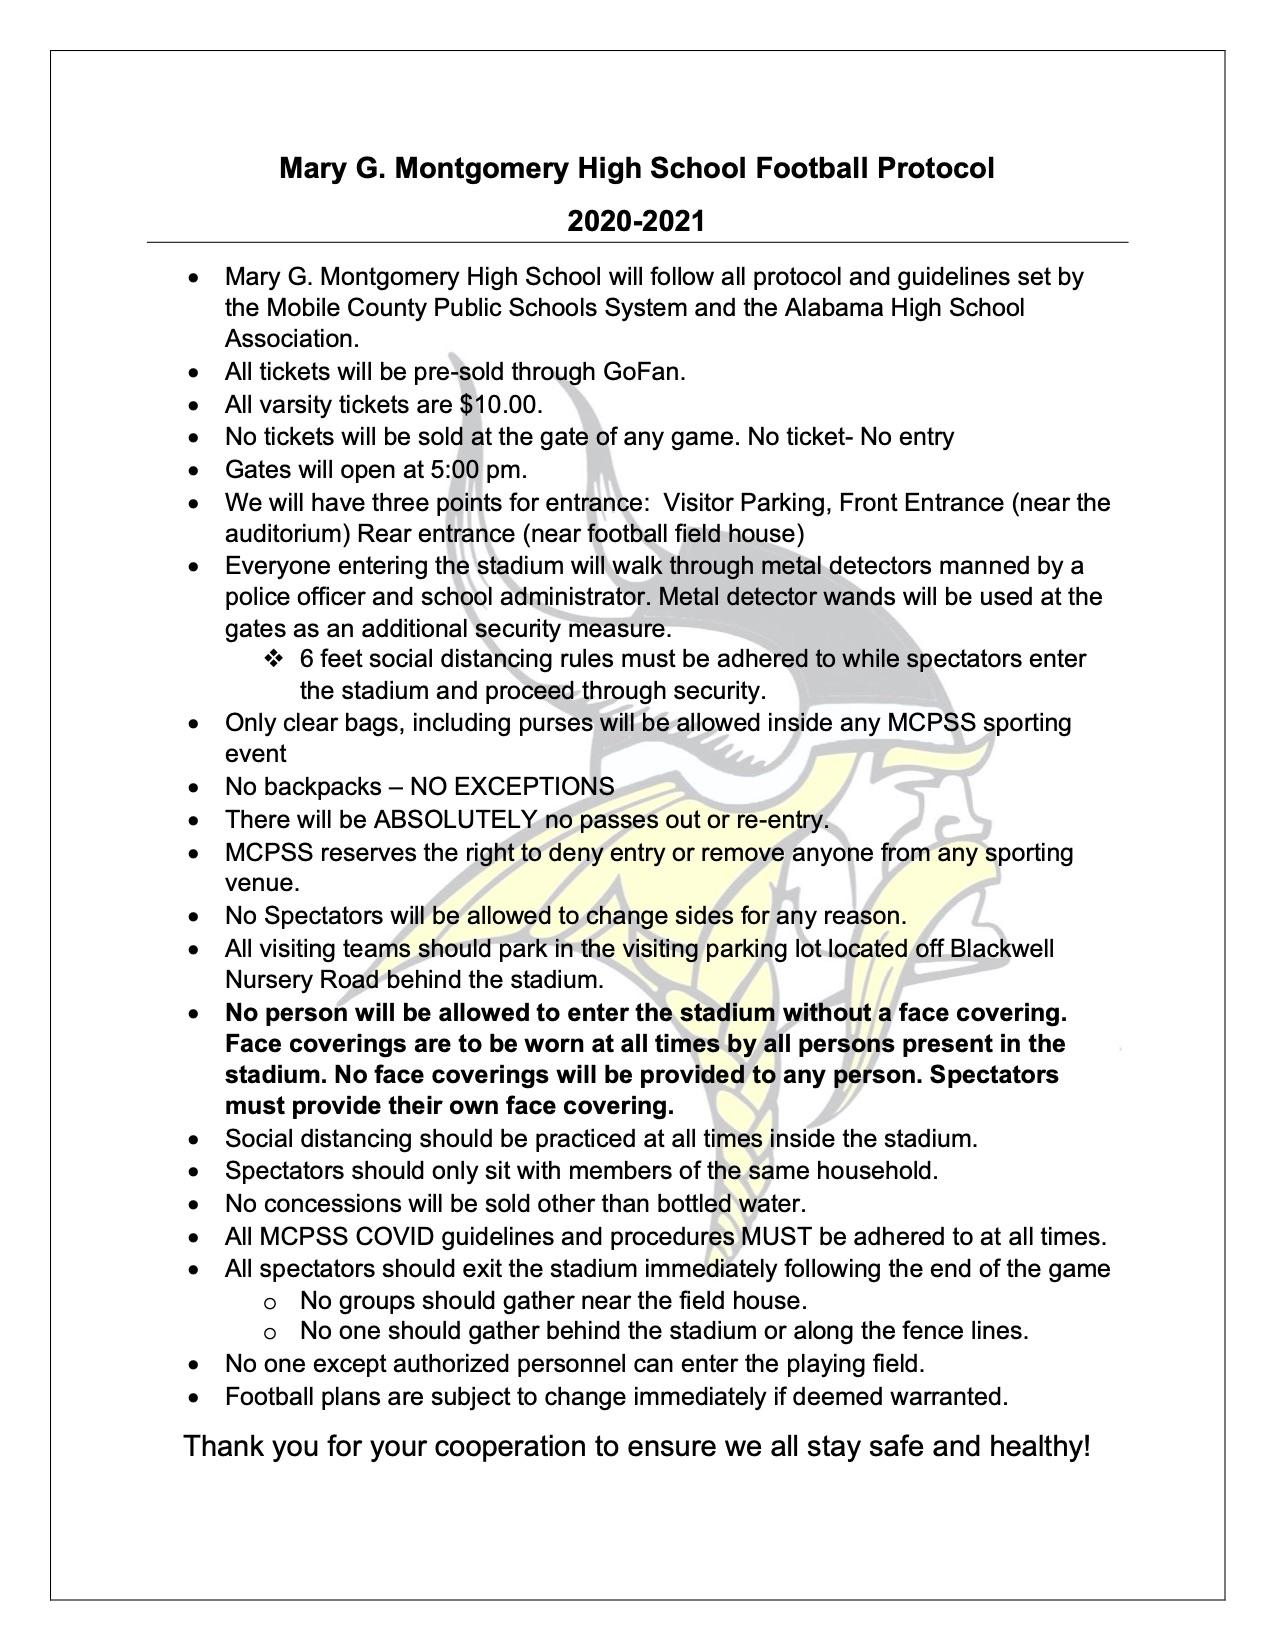 MGM Football Protocol